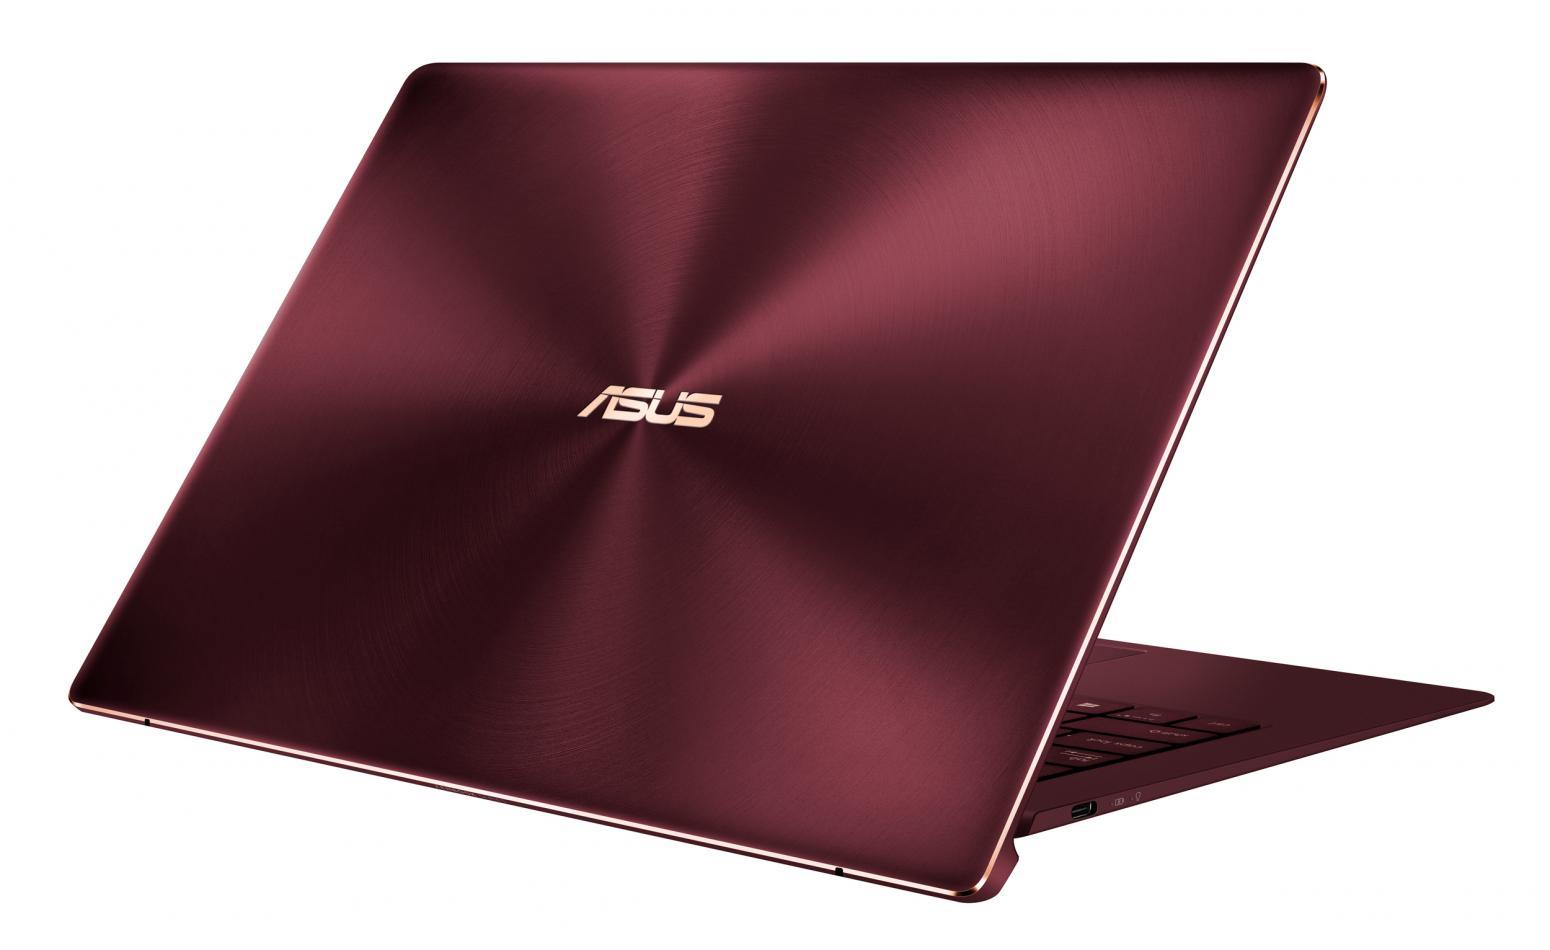 Ordinateur portable Asus Zenbook S UX391UA-ET082T Rouge Bordeaux - photo 4